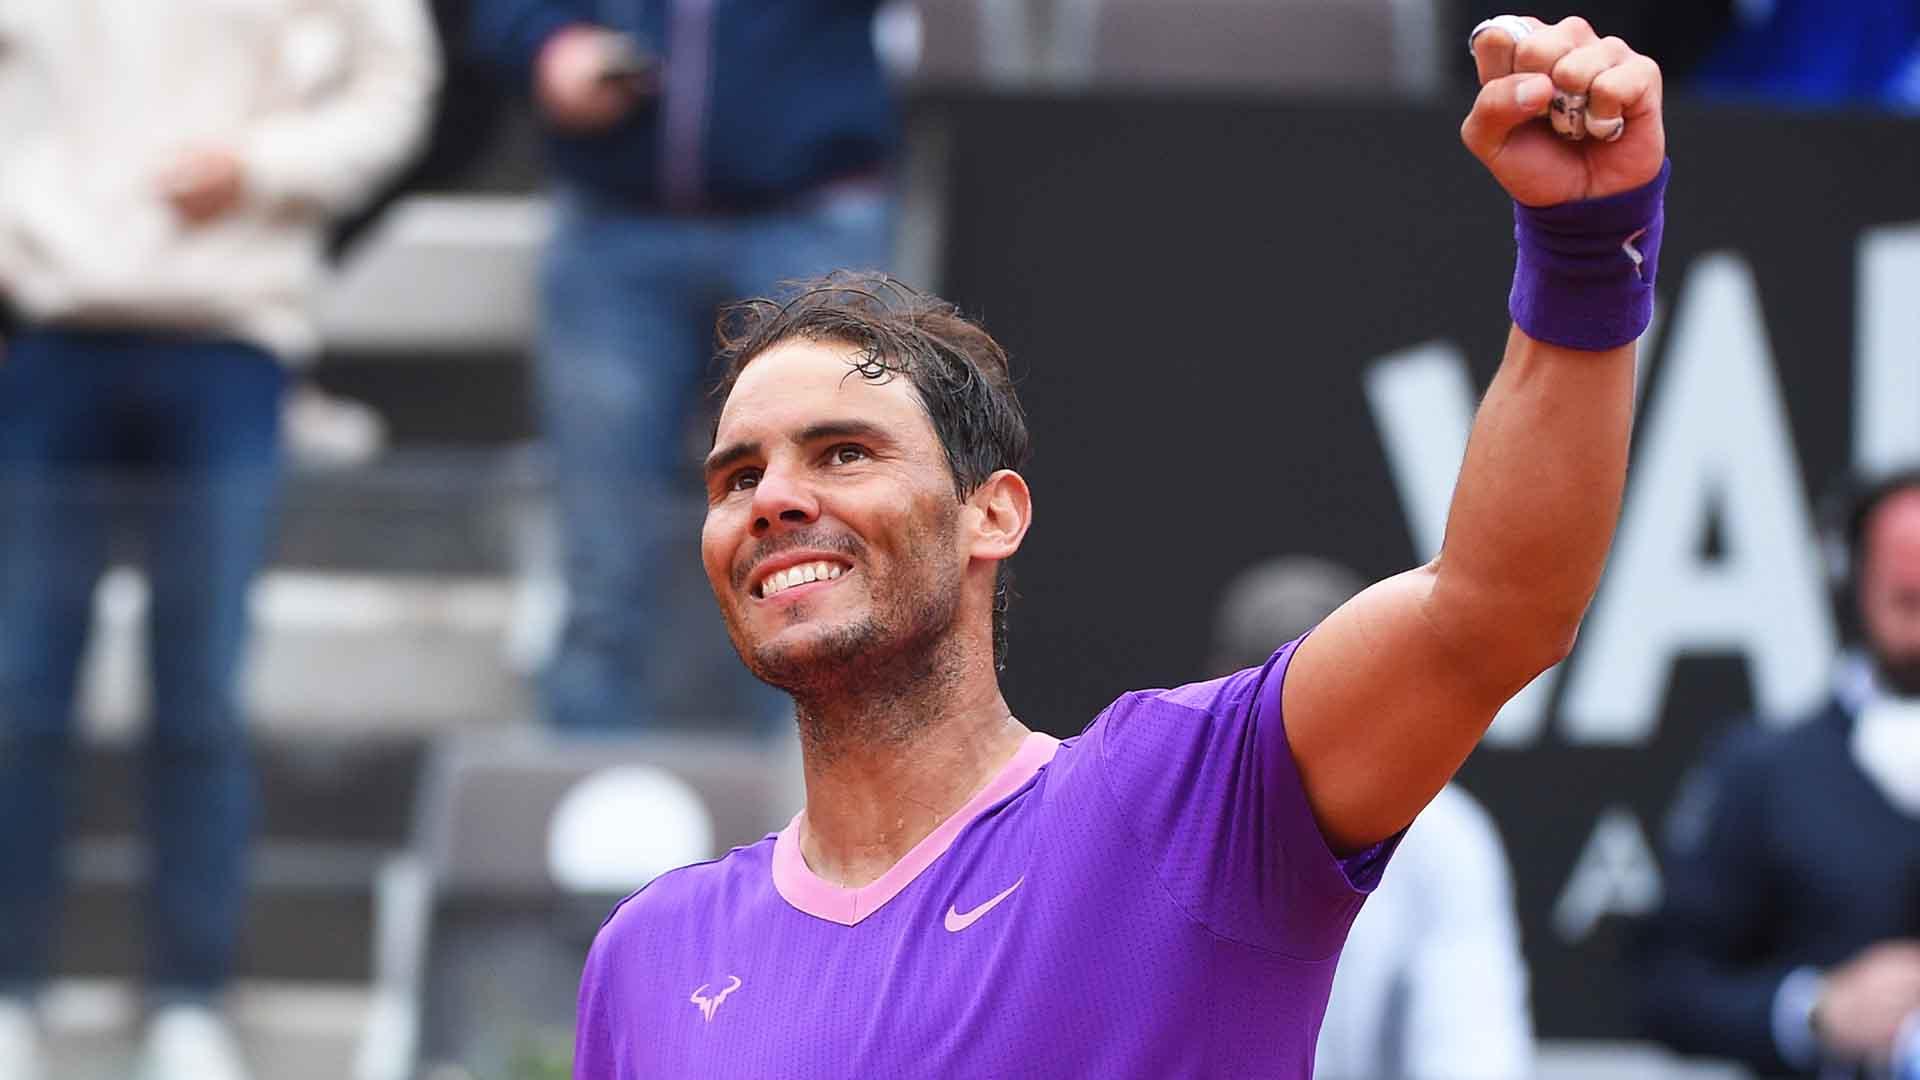 nadal rome 2021 friday celebration - ATP Rim: Nadal slavil v vrhunskem finalu; Španec v Pariz odhaja kot glavni favorit!